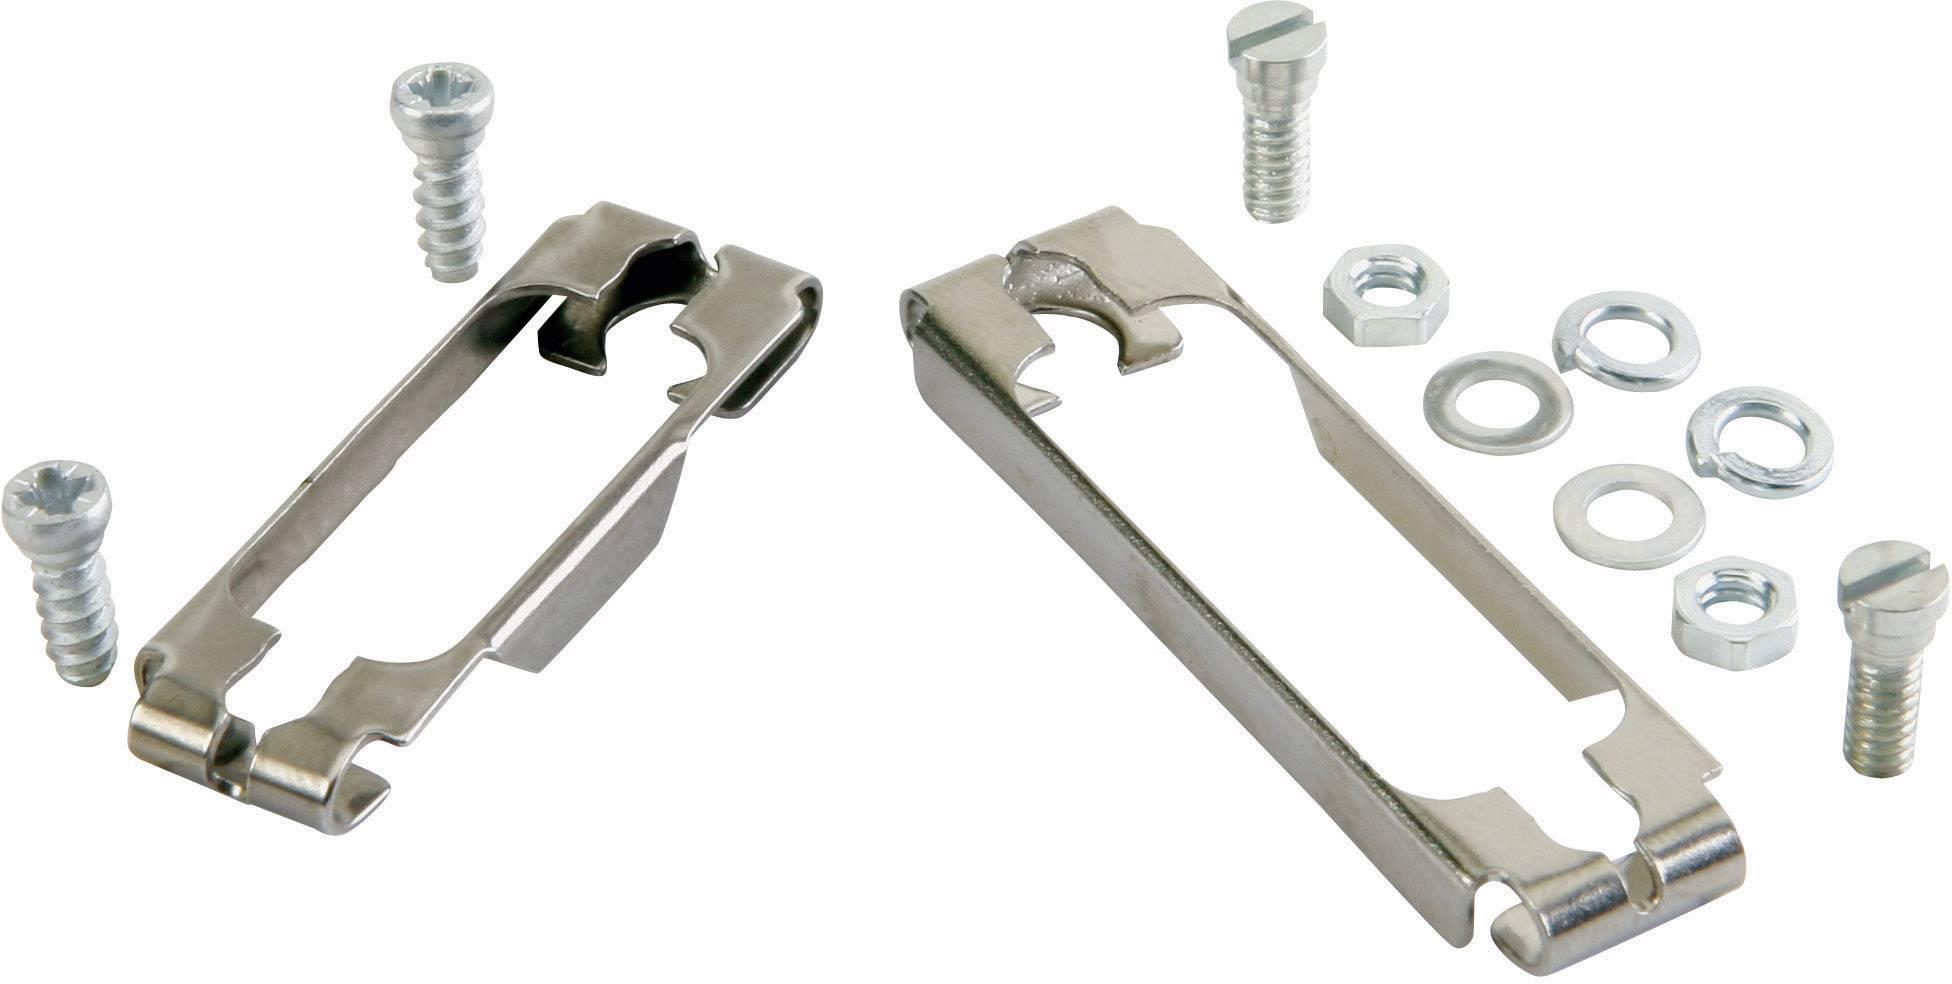 Upevňovacie skrutky Conec 160X10169X, 1 ks